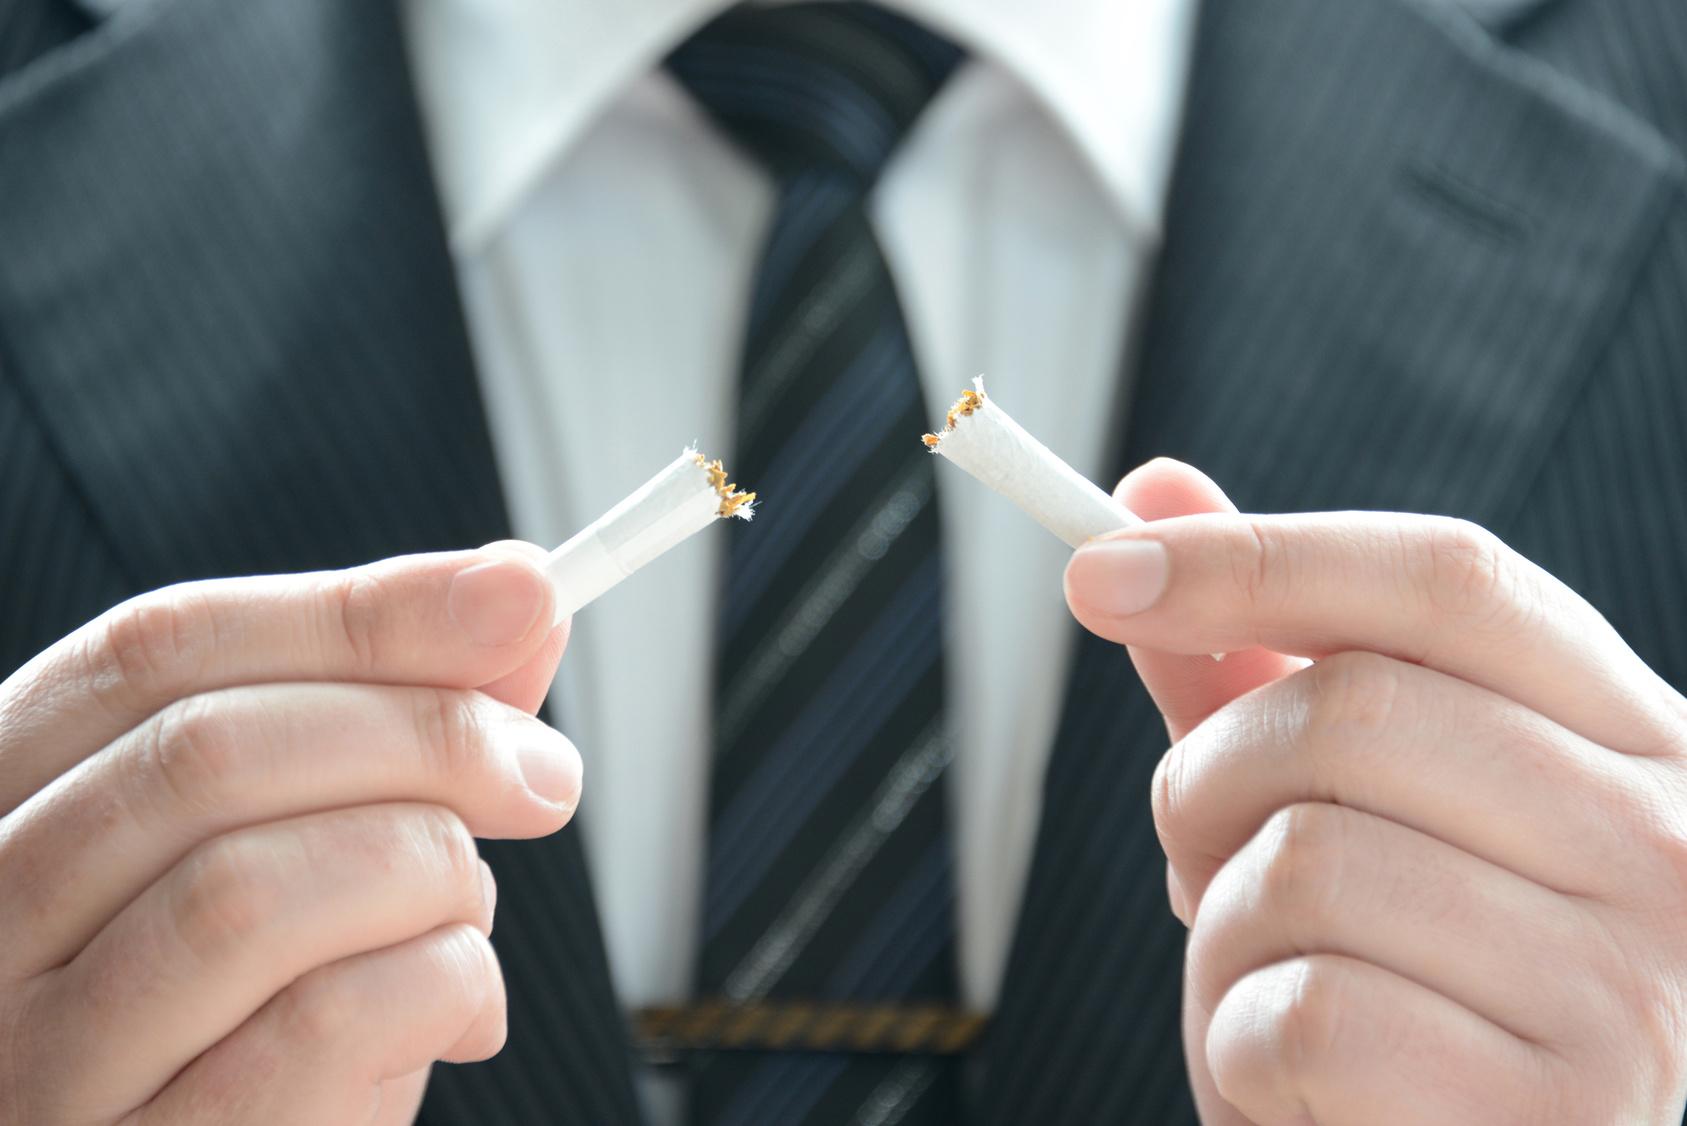 あなたの1日の喫煙本数×喫煙年数はいくつ?喫煙指数から肺がんのリスクを知っておこう